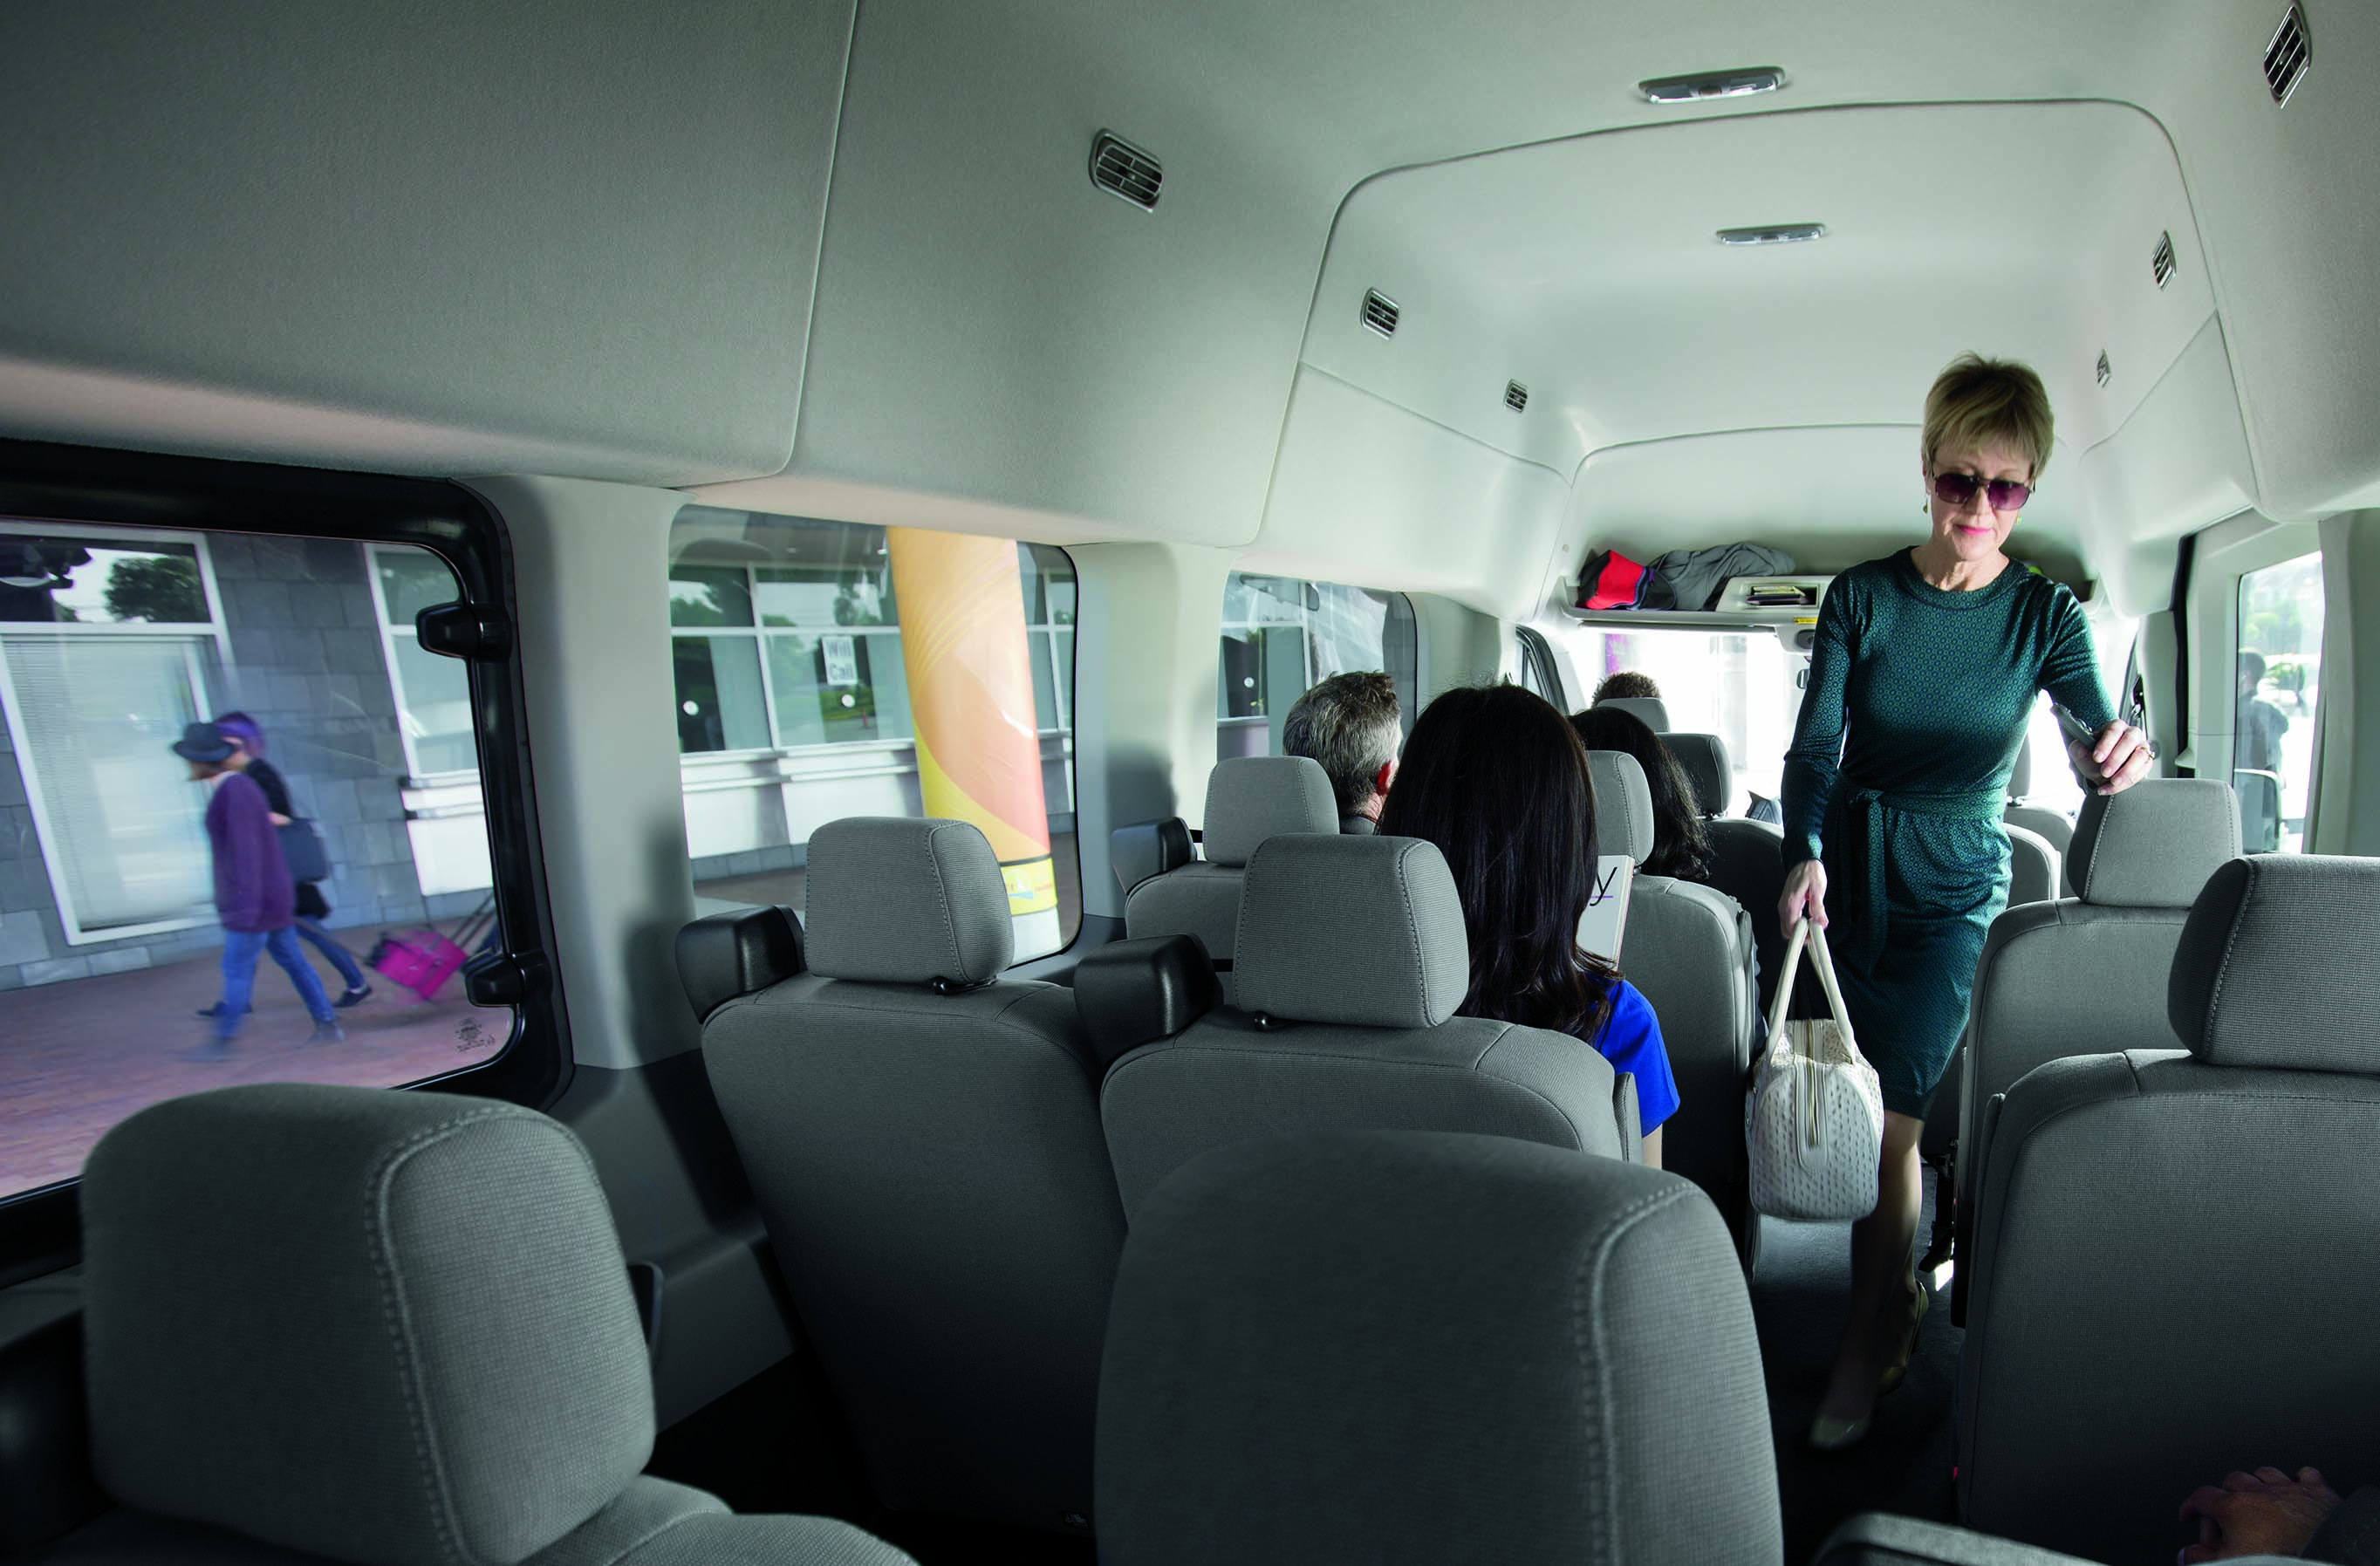 2019 Transit interior